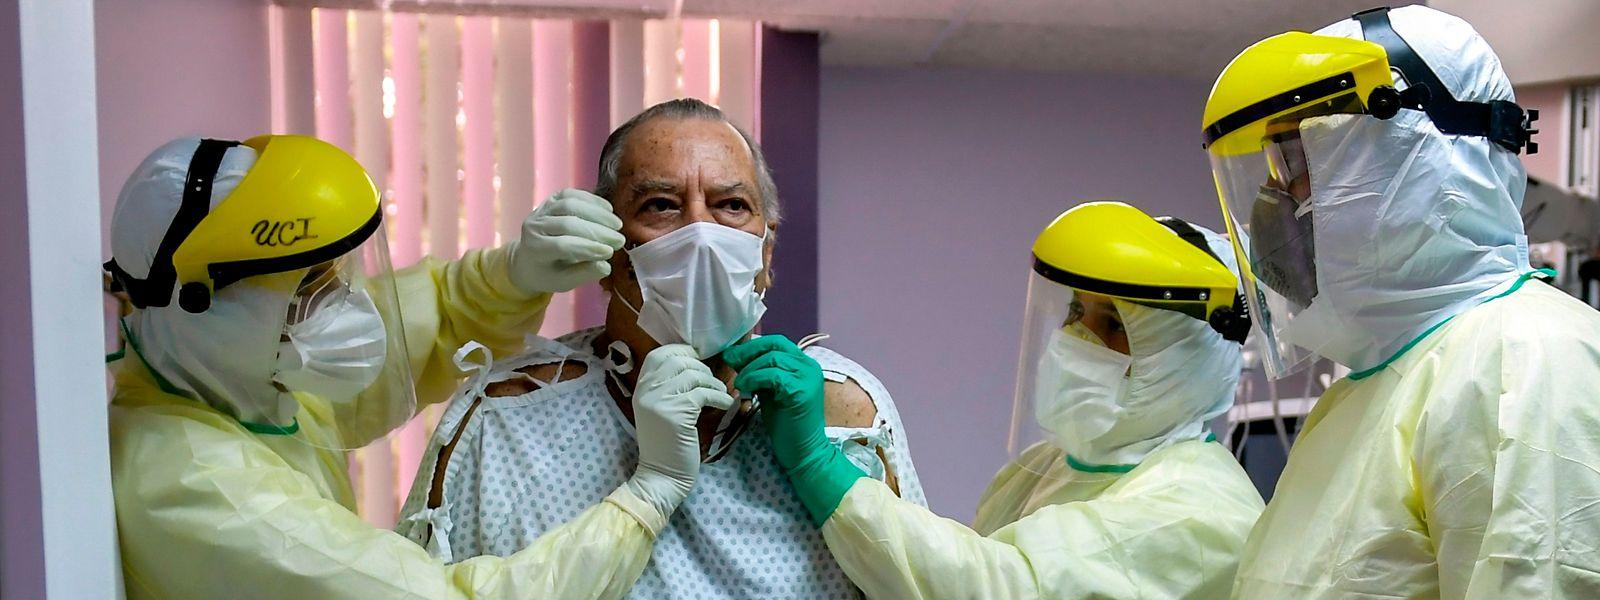 Paulette Lenert précise que sont comptabilisées dans le nombre d'hospitalisations «les personnes hospitalisées qui ont été testées positivement au covid-19»